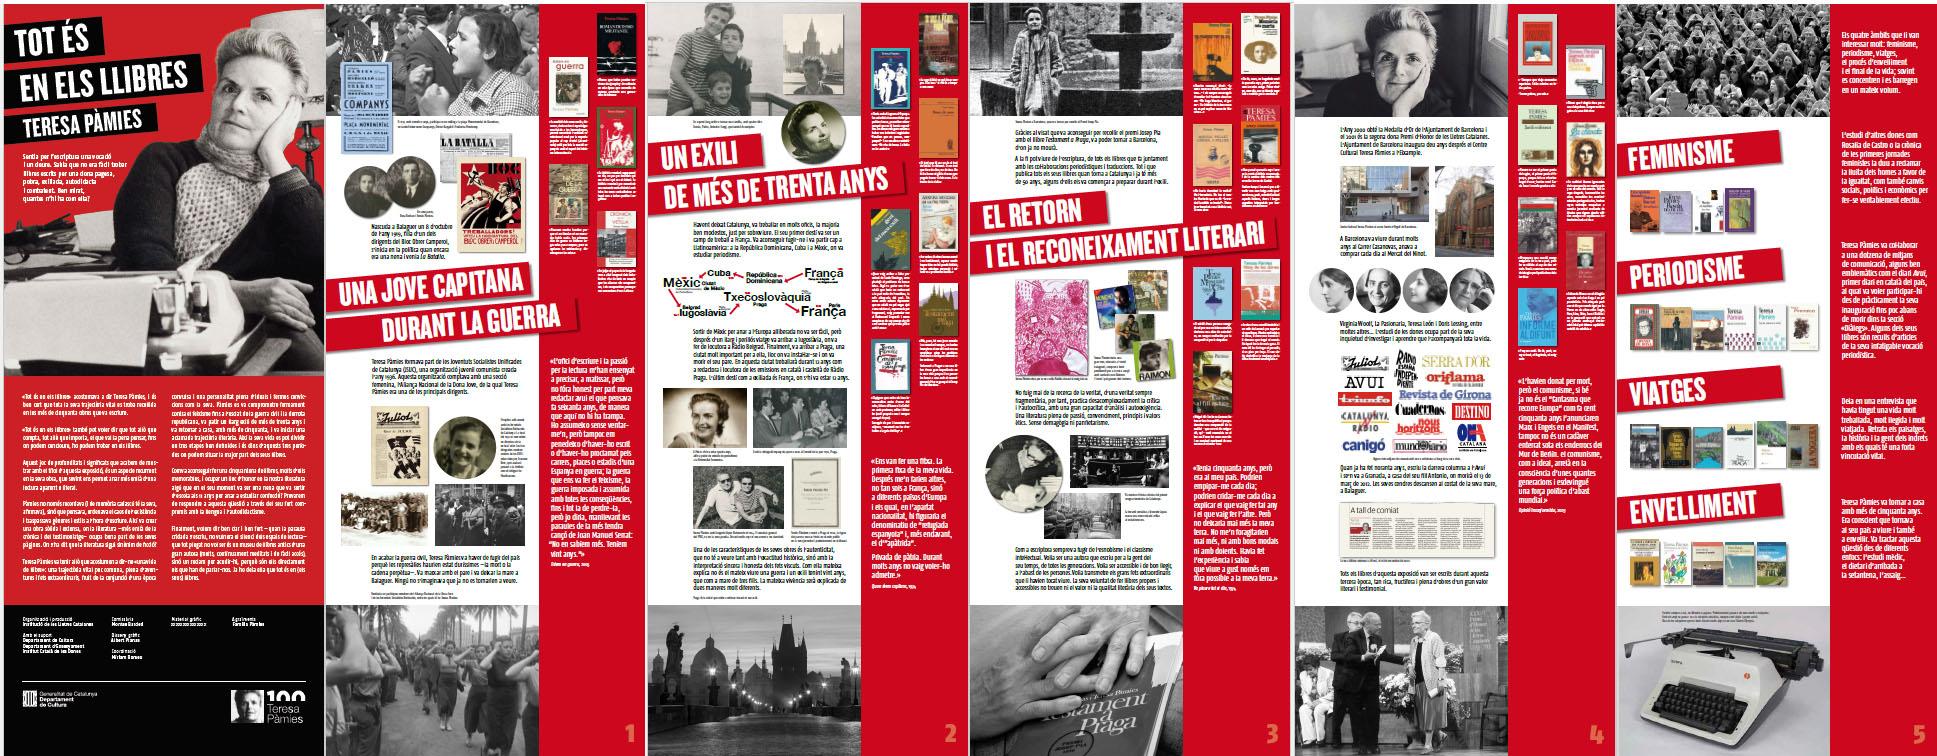 https://cultura.gencat.cat/web/.content/commemoracions/2019/anyTeresaPamies/04-recursos/01-espectacles/imatges/expo_tot.jpg_1083850083.jpg